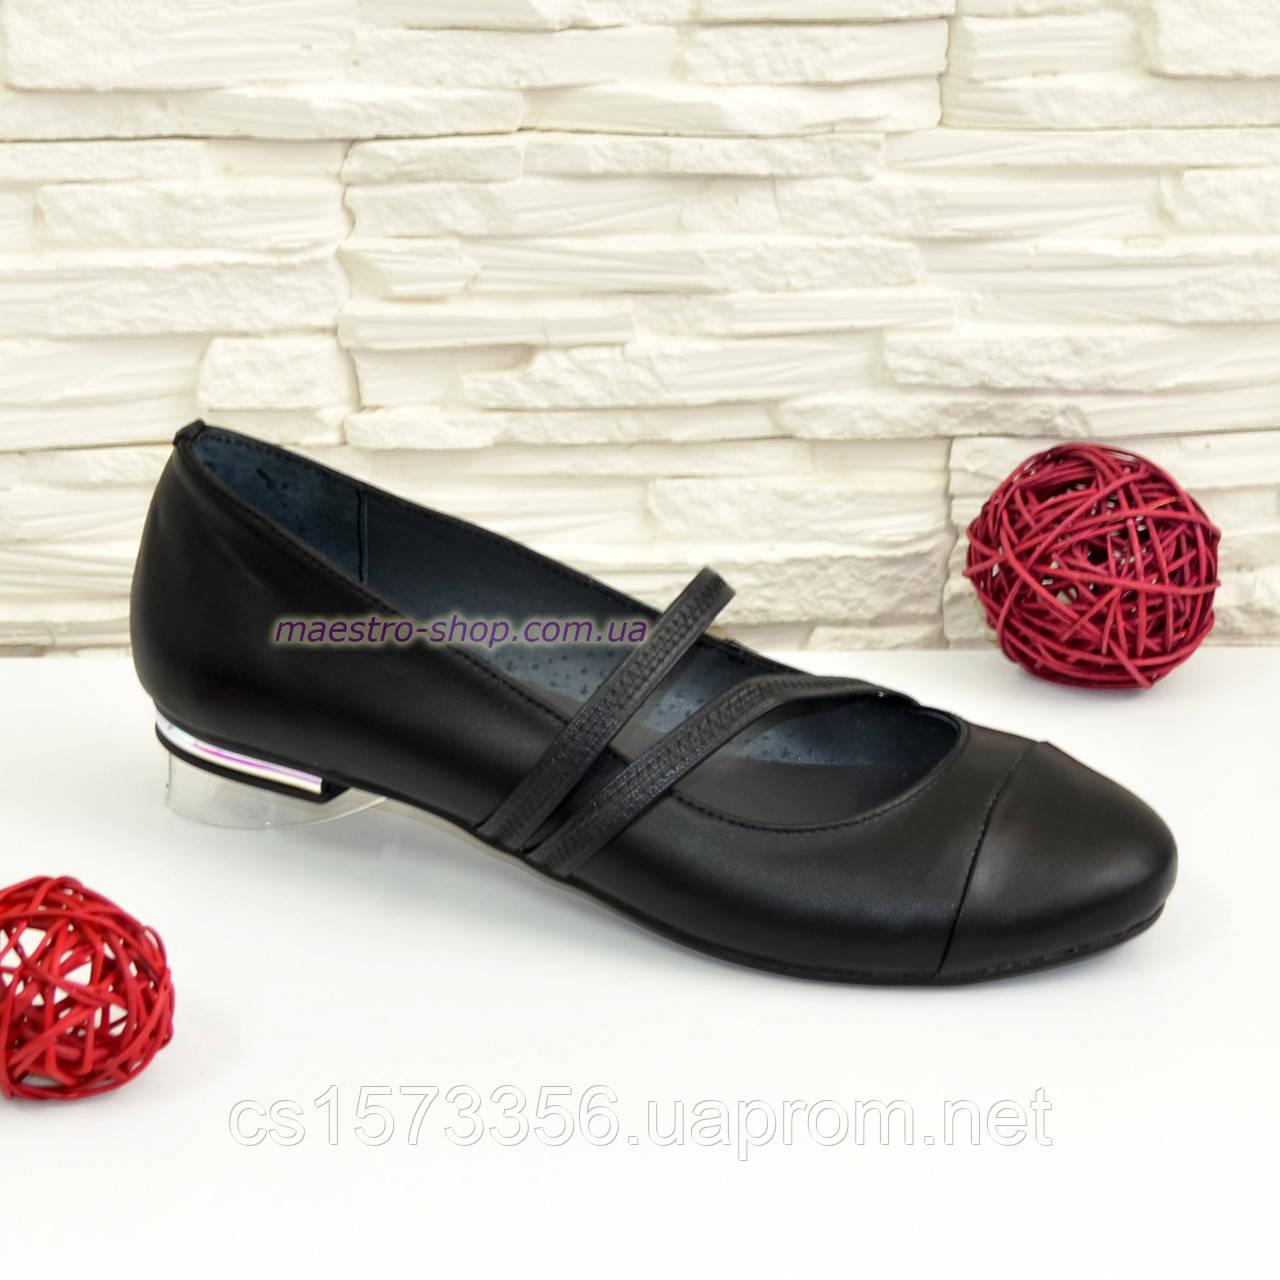 Туфли кожаные женские черного цвета